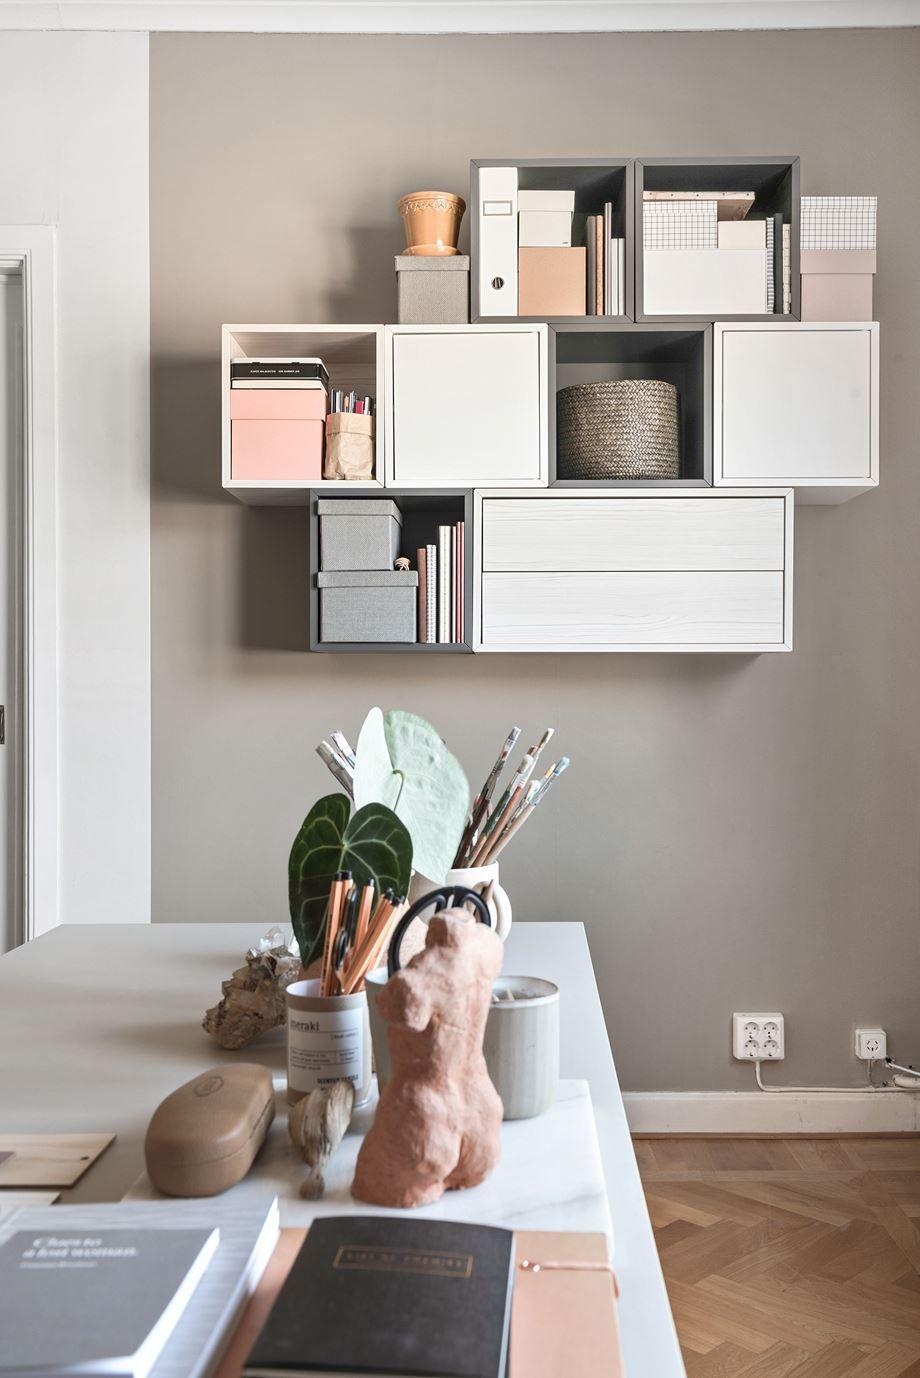 Ikea Mensole Sospese.Ikea Eket Composition Ikea Idias Nel 2019 Arredamento